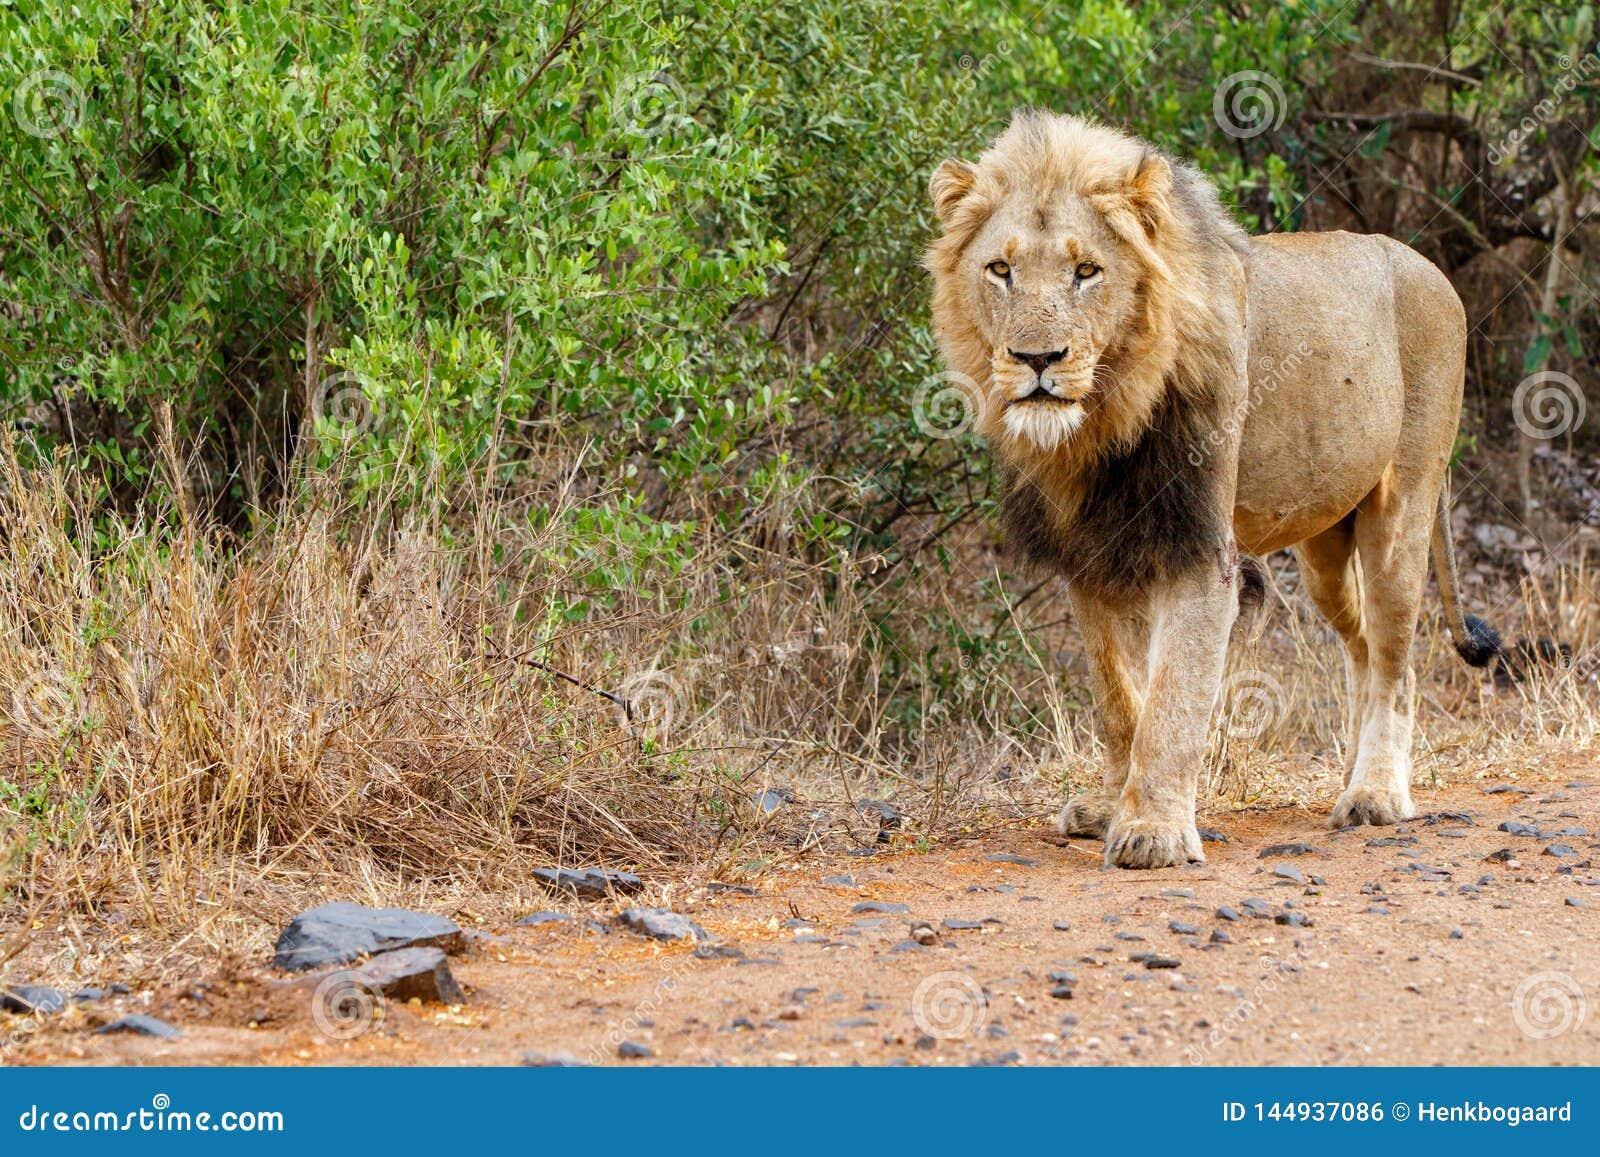 Męski lew w Kruger NP - Południowa Afryka